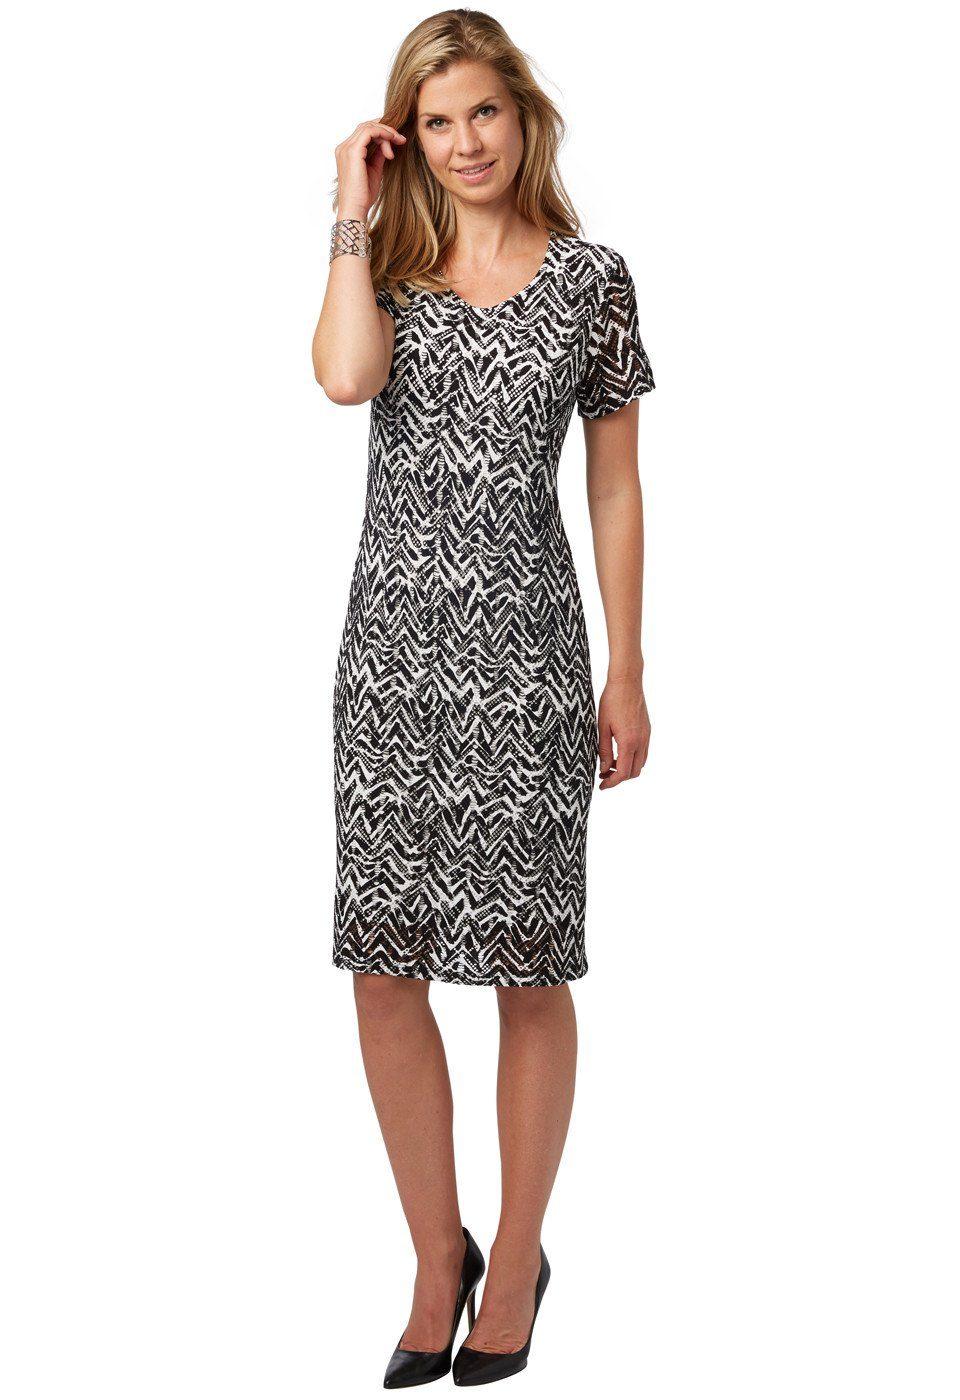 Bonita Strukturiertes Kleid - broschei